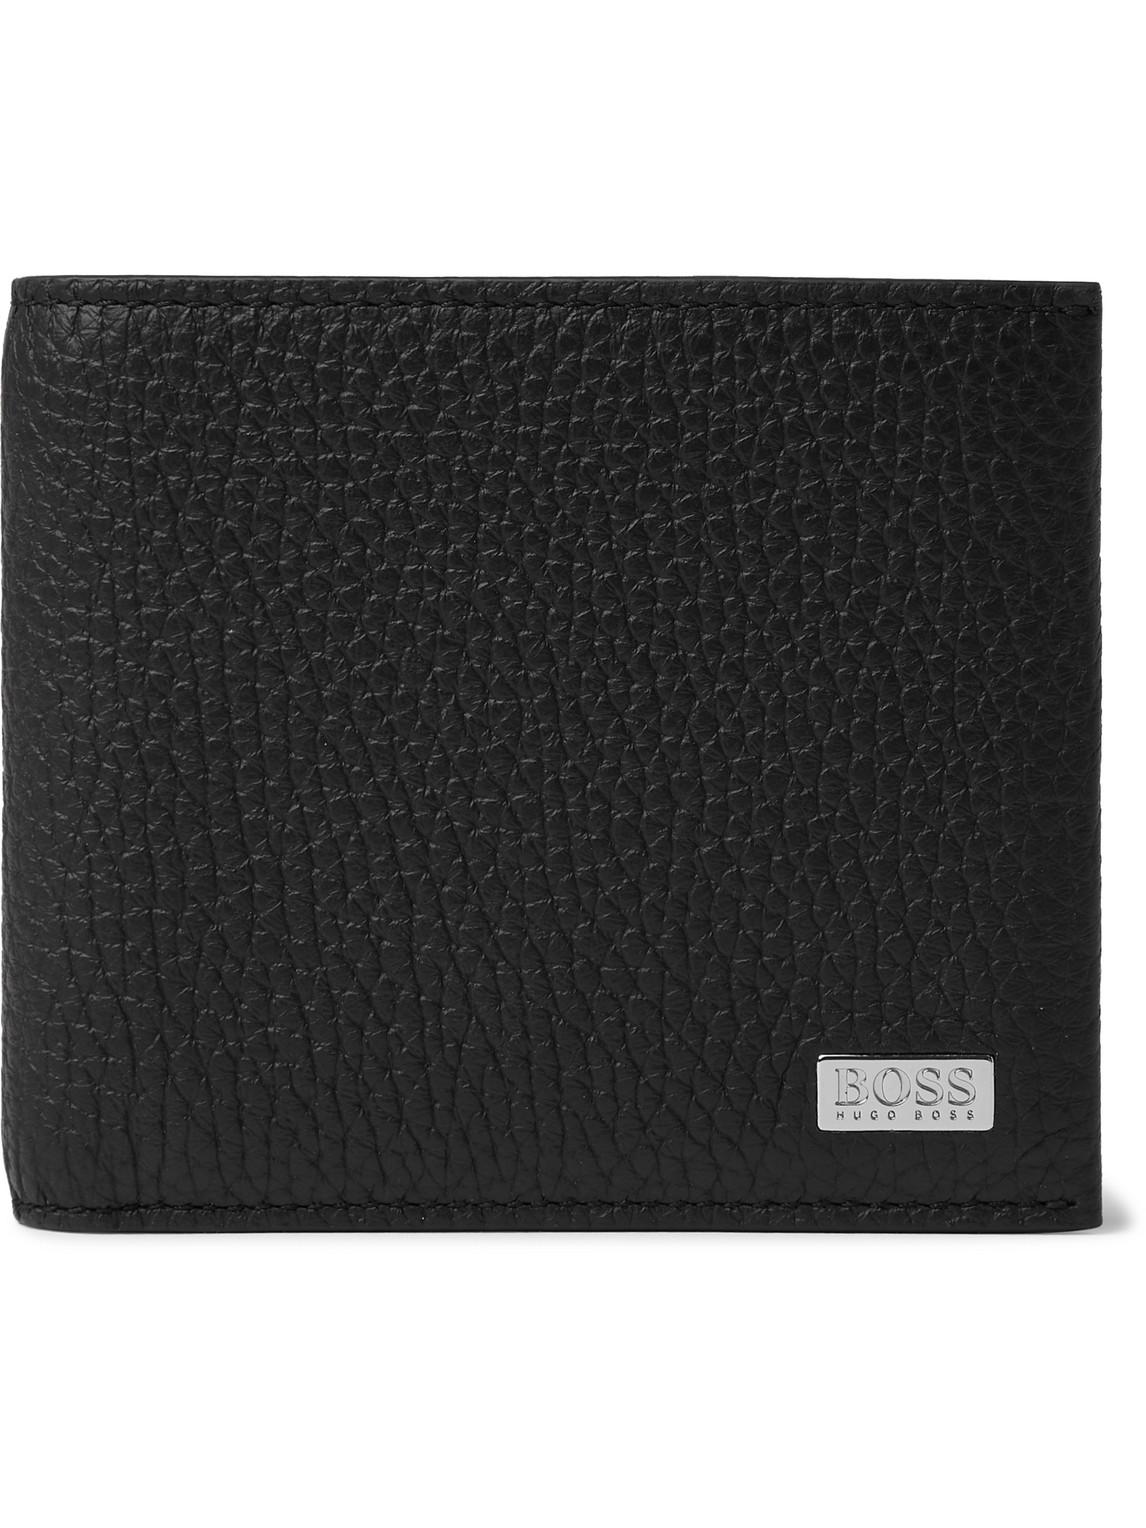 Hugo Boss - Full-Grain Leather Billfold Wallet - Men - Black